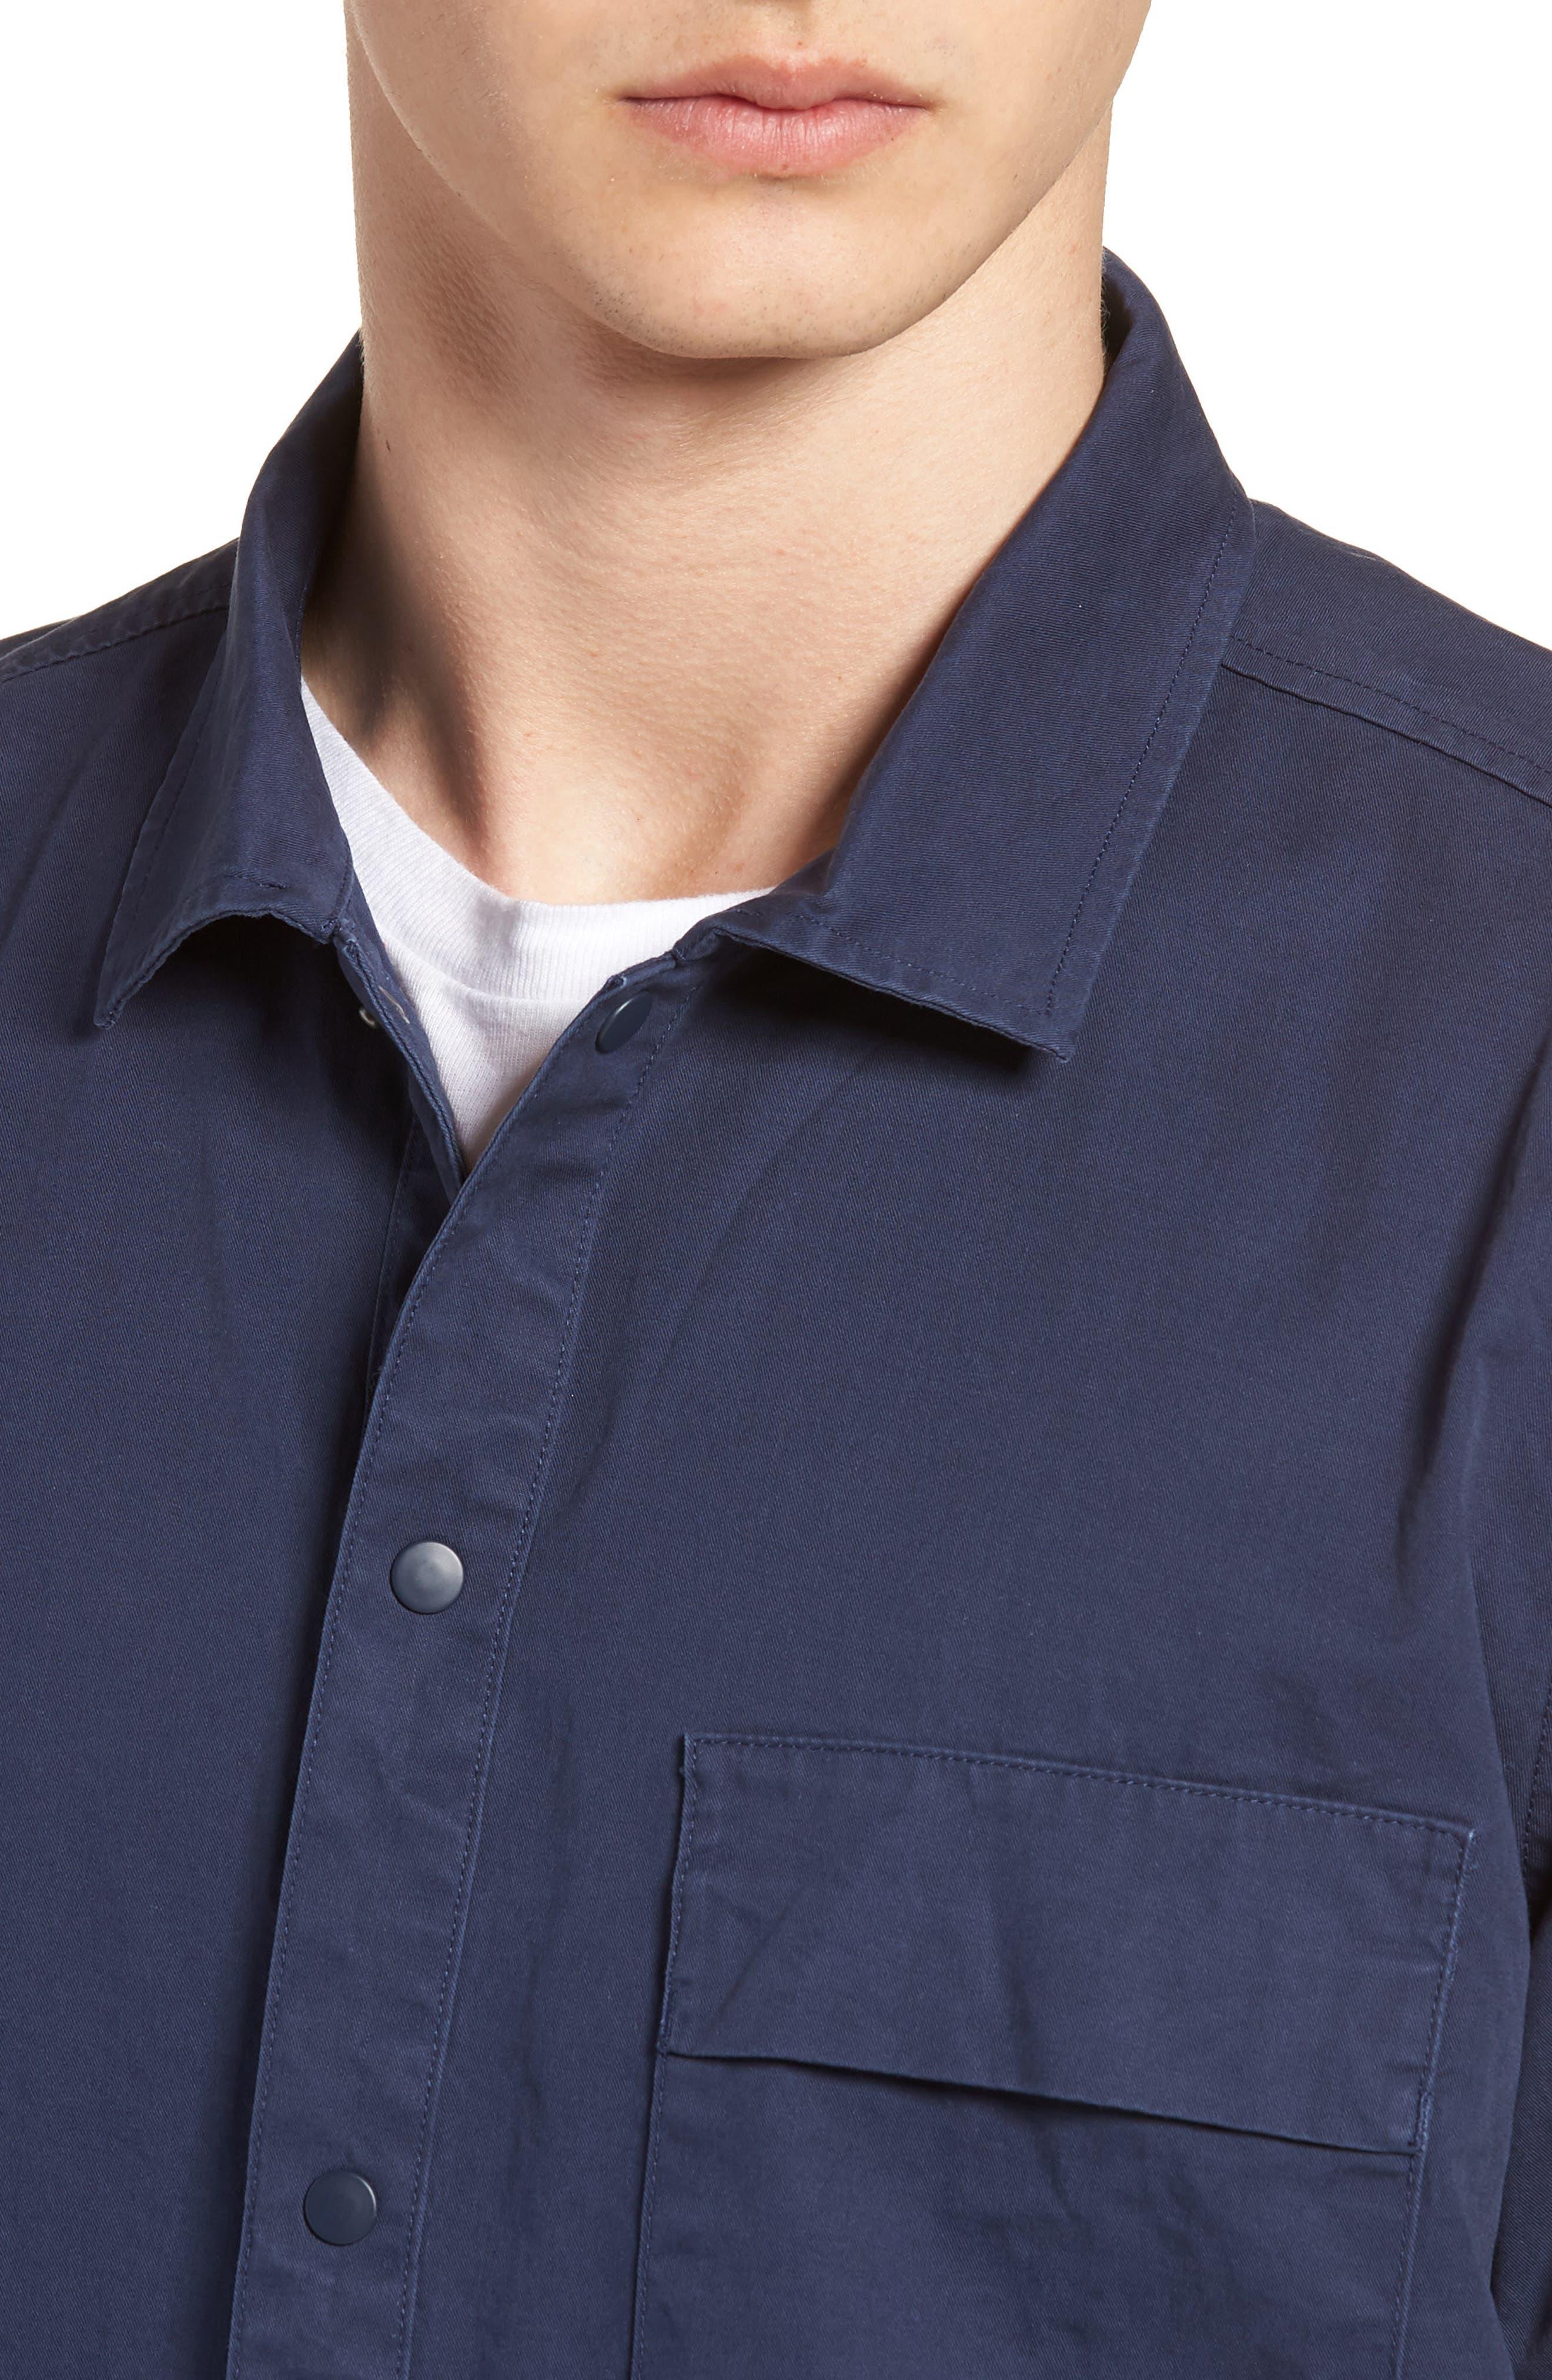 Blackstone Shirt Jacket,                             Alternate thumbnail 4, color,                             400